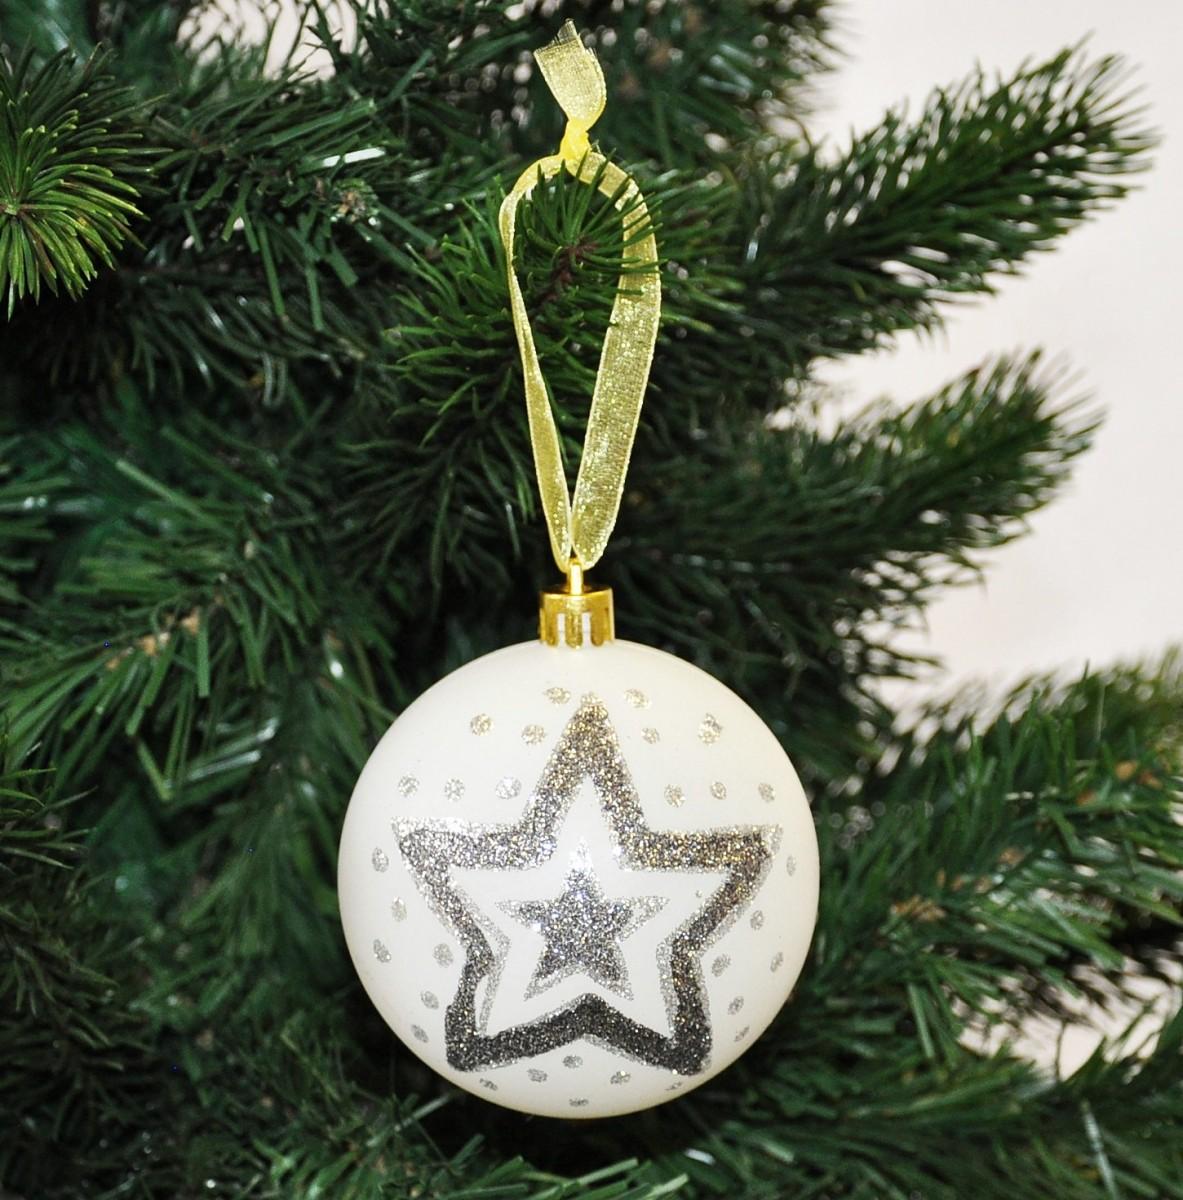 12x handbemalte christbaumkugeln wei 8cm stern kunststoff kugel glitzer sterne weihnachten. Black Bedroom Furniture Sets. Home Design Ideas